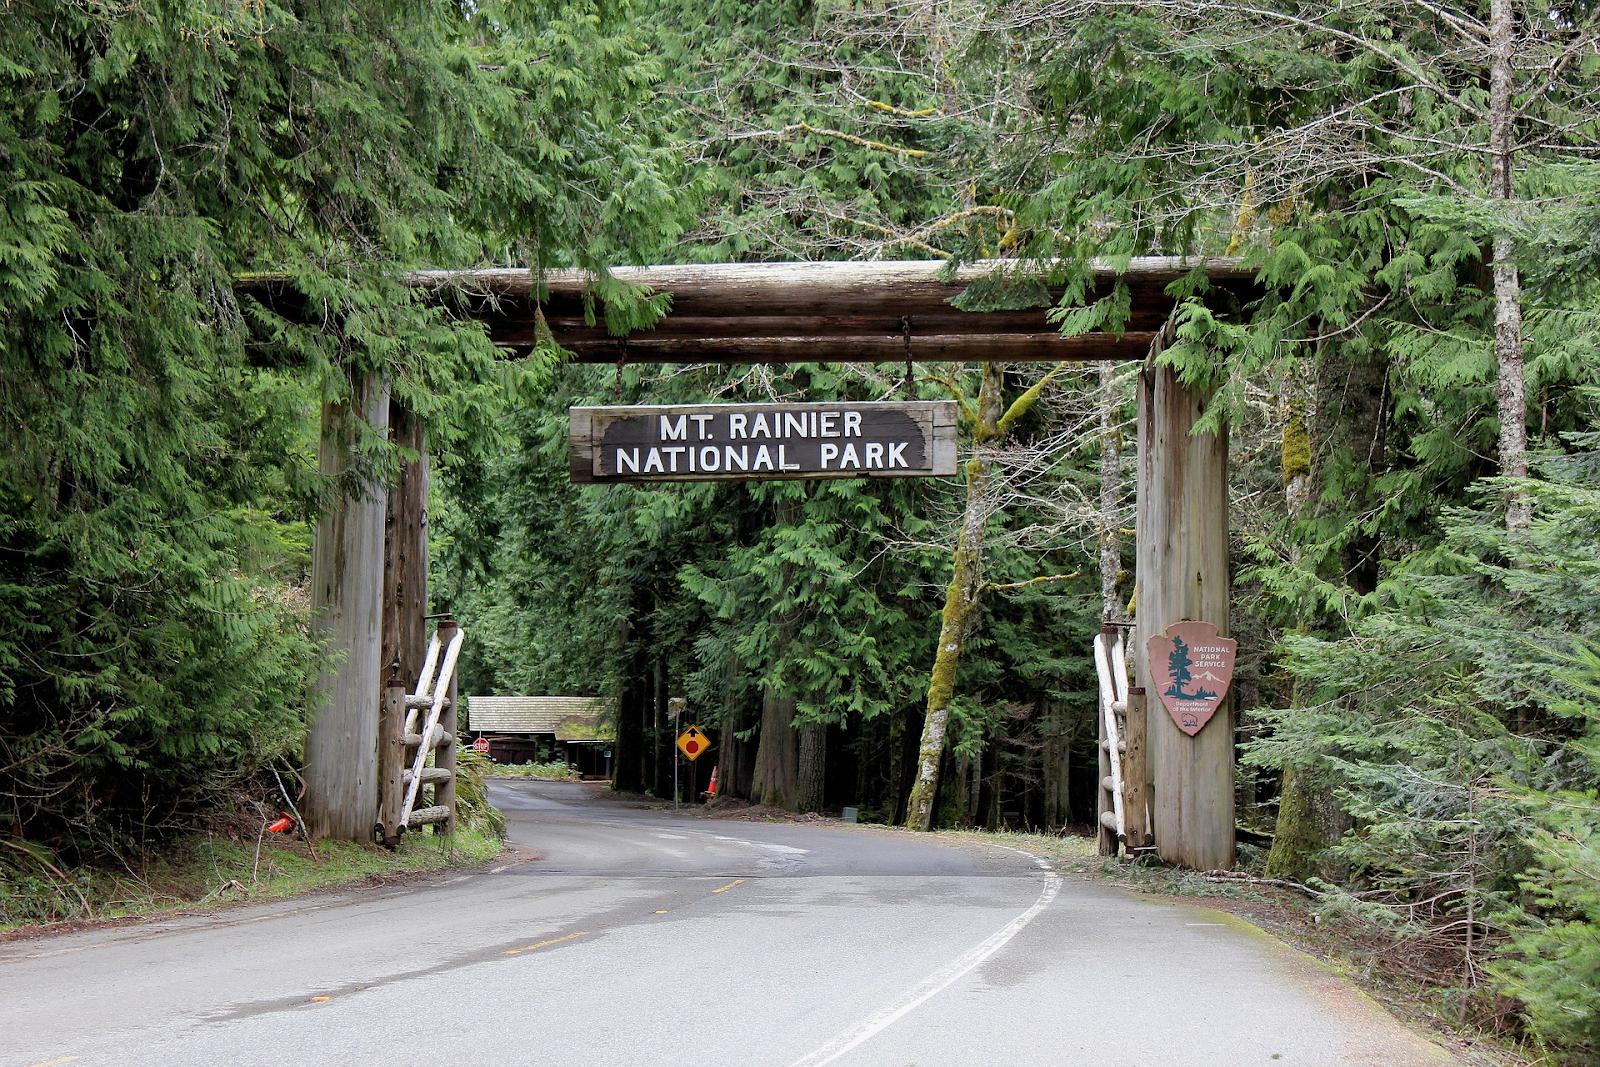 MT. Rainier national park entrance